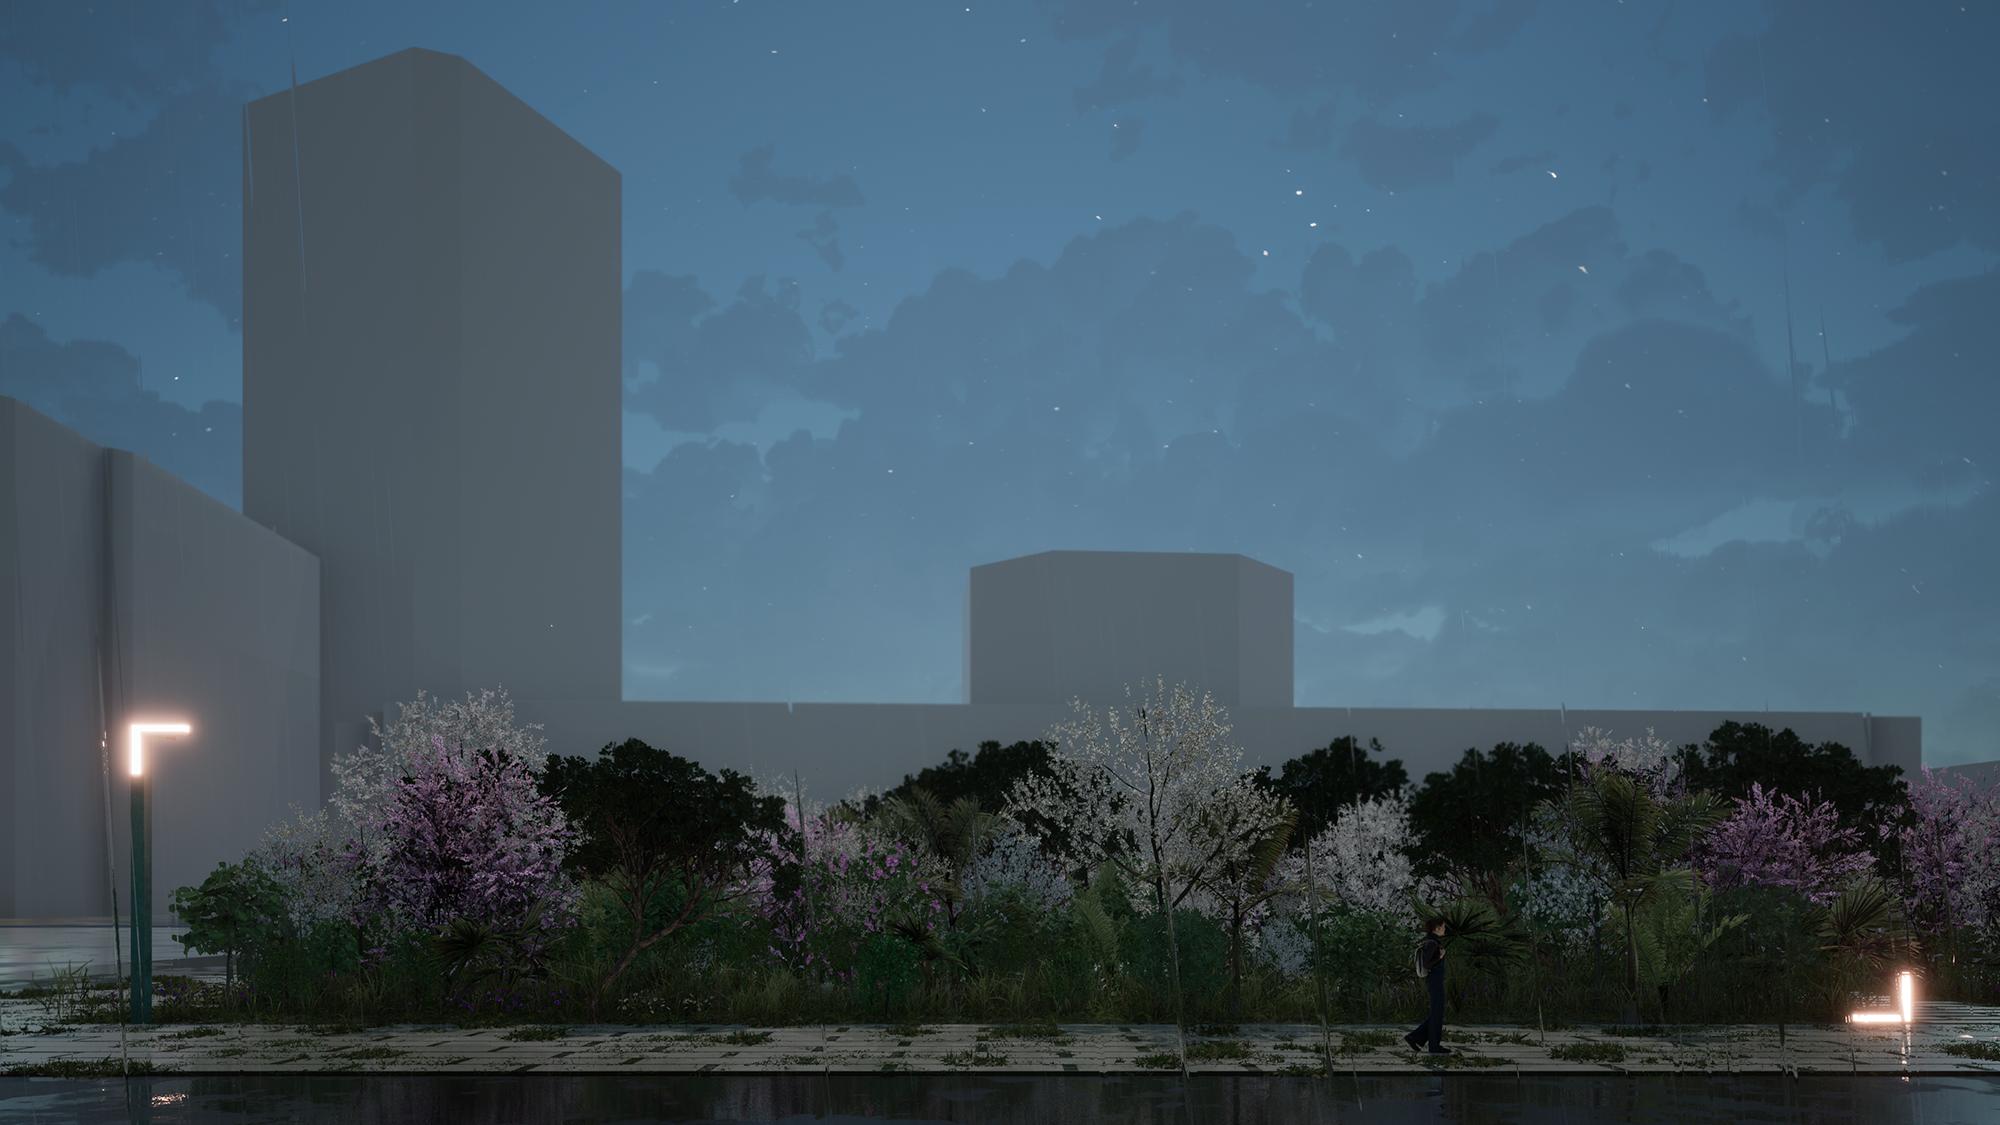 Gestaltung für urbane Wälder / Design for urban forests